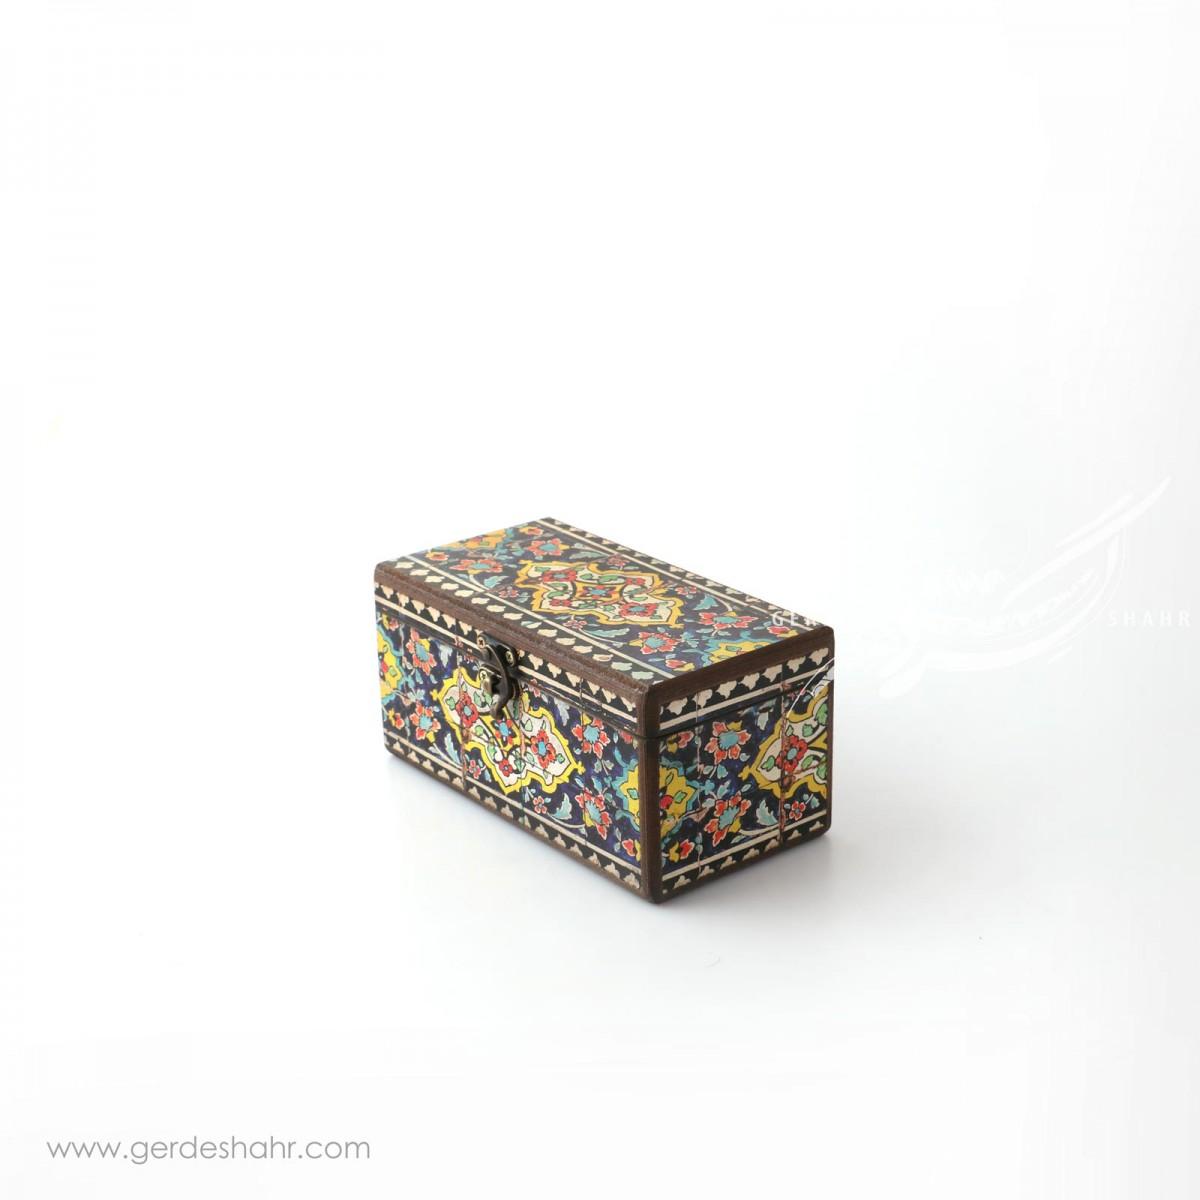 جعبه چوبی نقش کاشی سایز 10*20 هفتگان اکسسوری